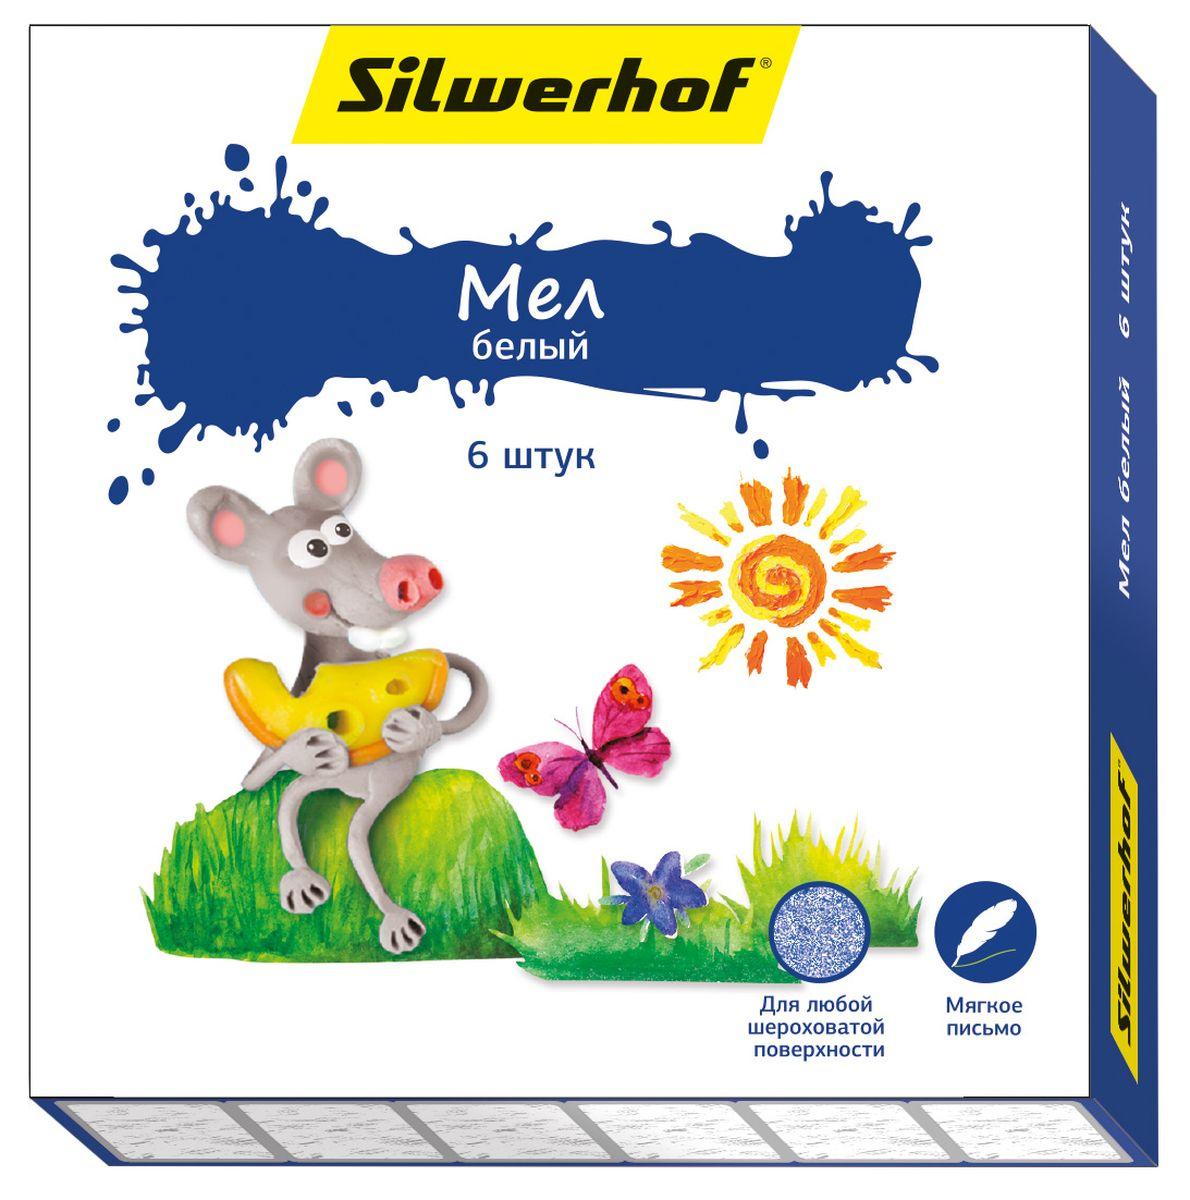 Silwerhof Набор белых мелков Пластилиновая коллекция 6 штFS-36055Набор мелков Silwerhof Пластилиновая коллекция предназначен для рисования на любой шероховатой поверхности. Рисование мелками развивает у ребенка моторику, творческое мышление и воображение.Отличная мягкость письма без особых усилий. Мел не царапает поверхность и имеет высокую кроющую способность.